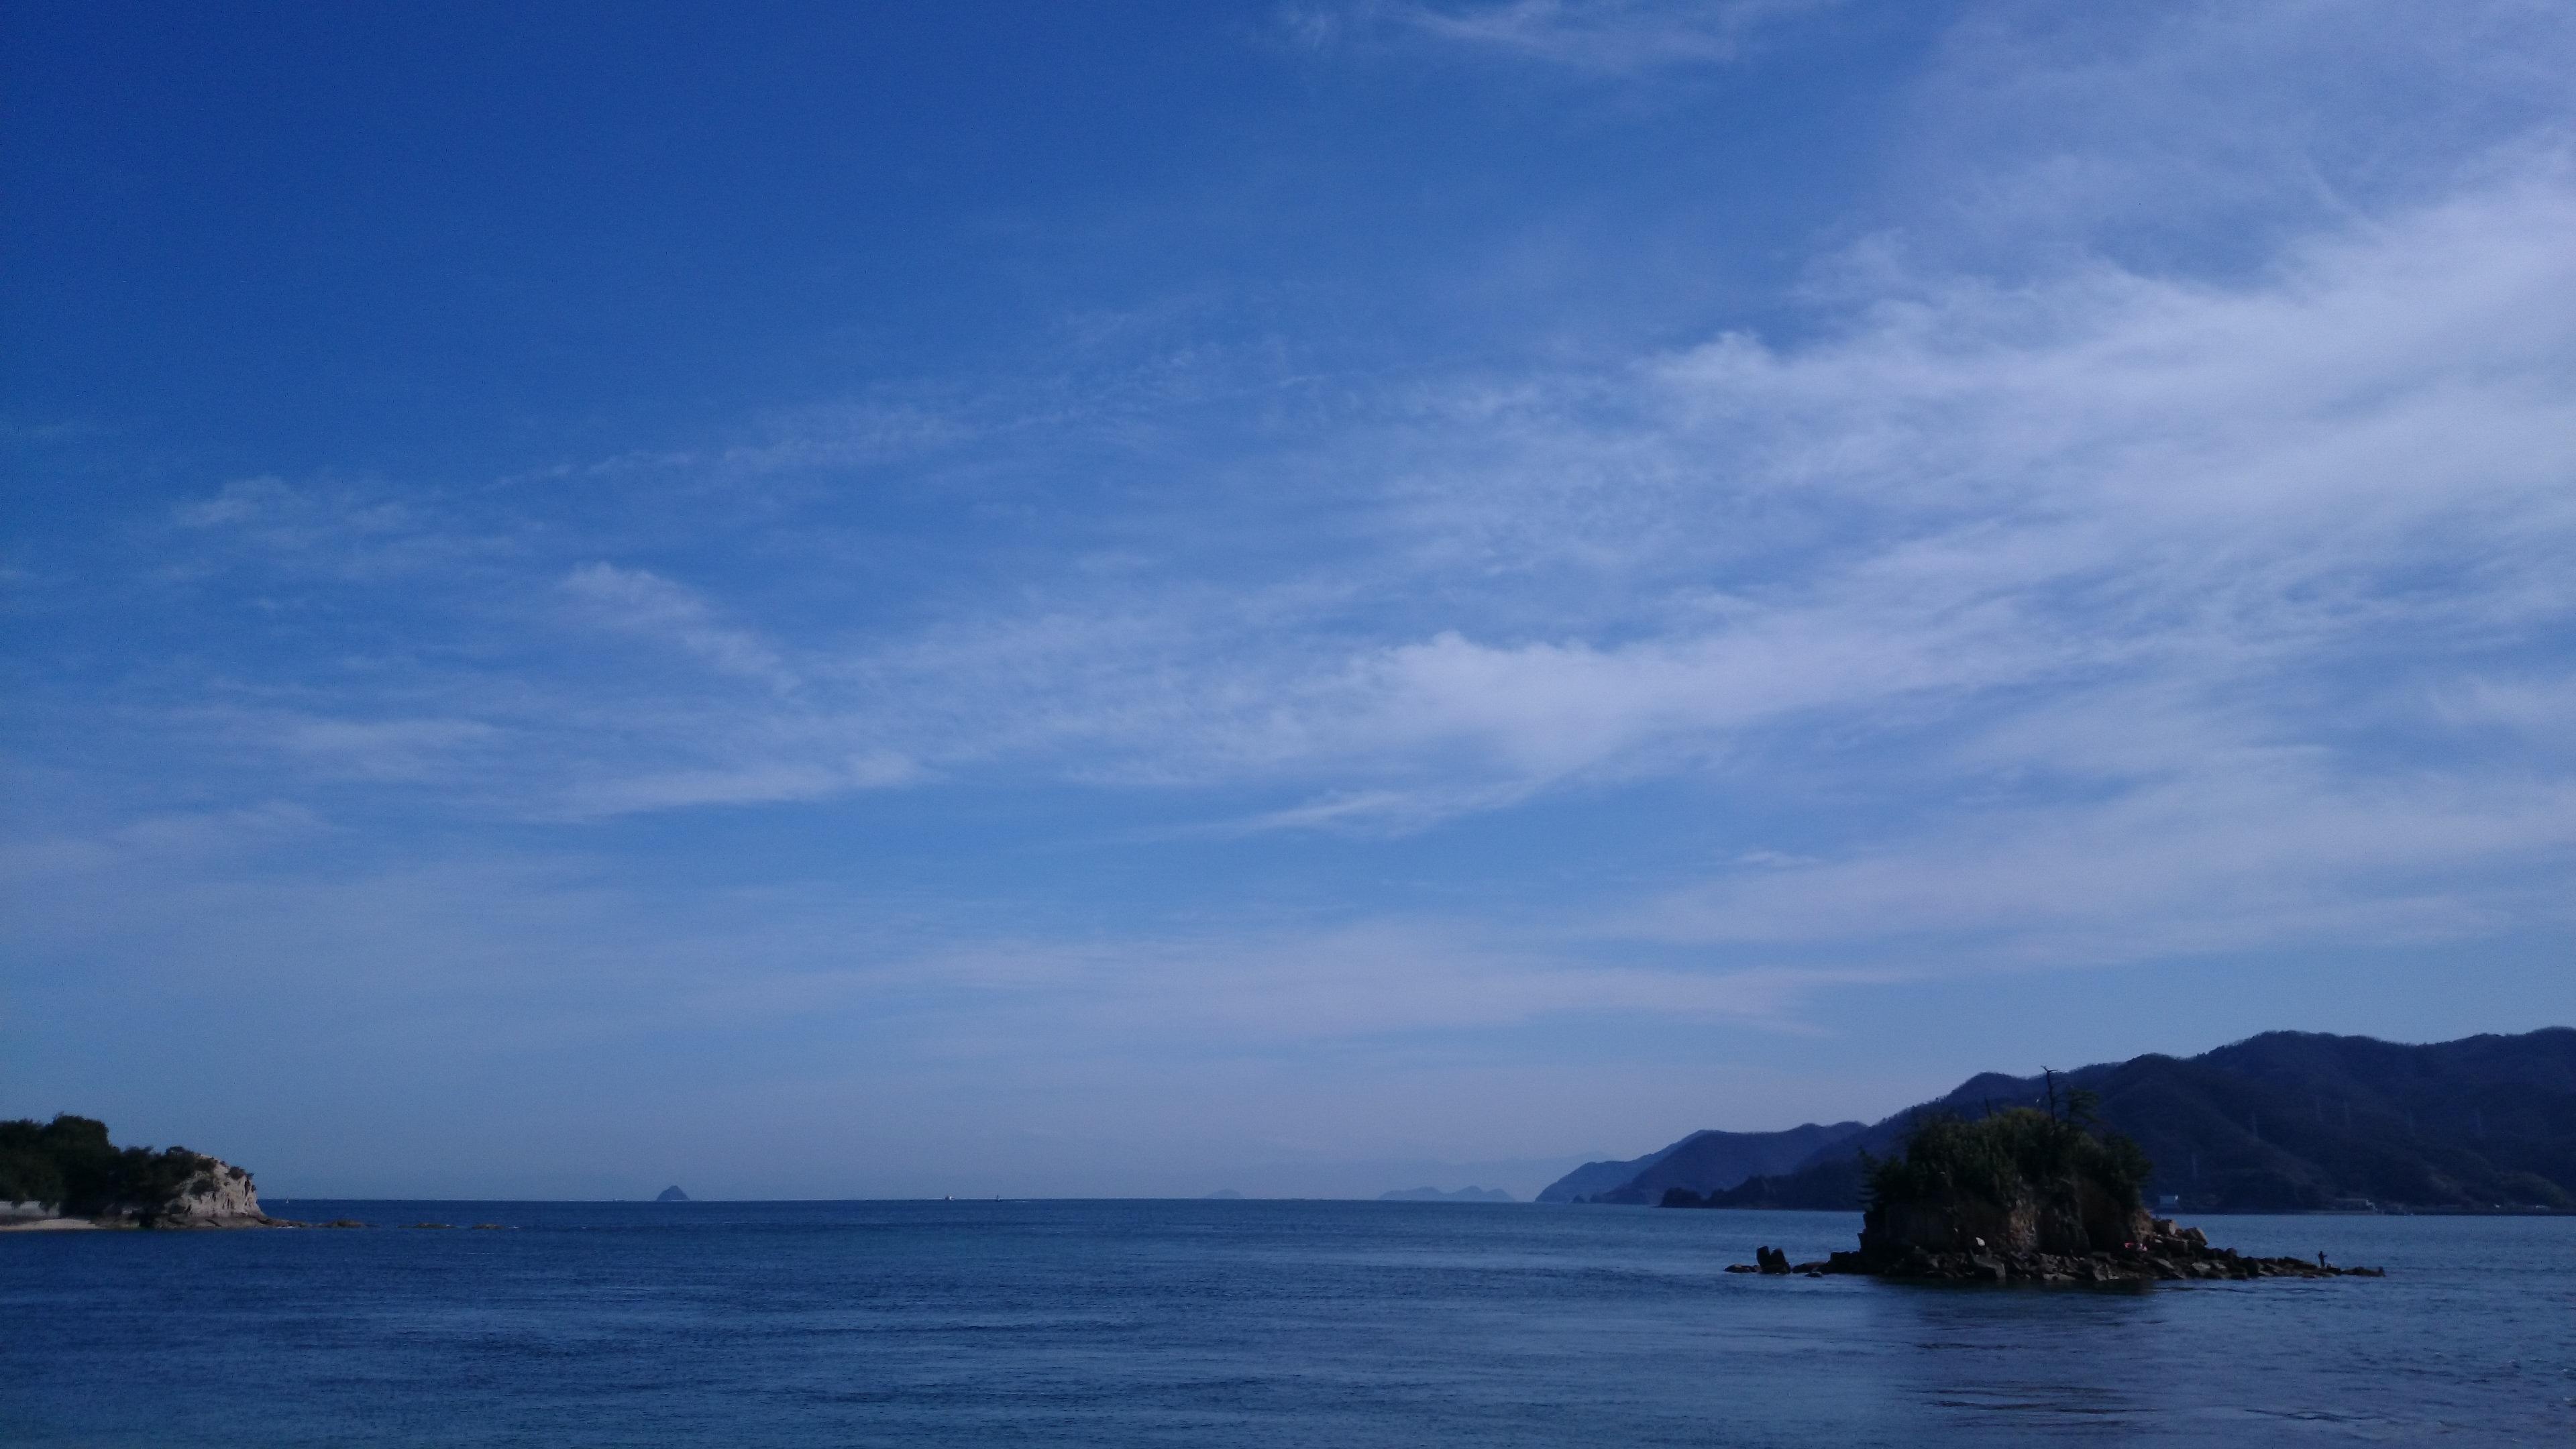 光り輝く灯台の島